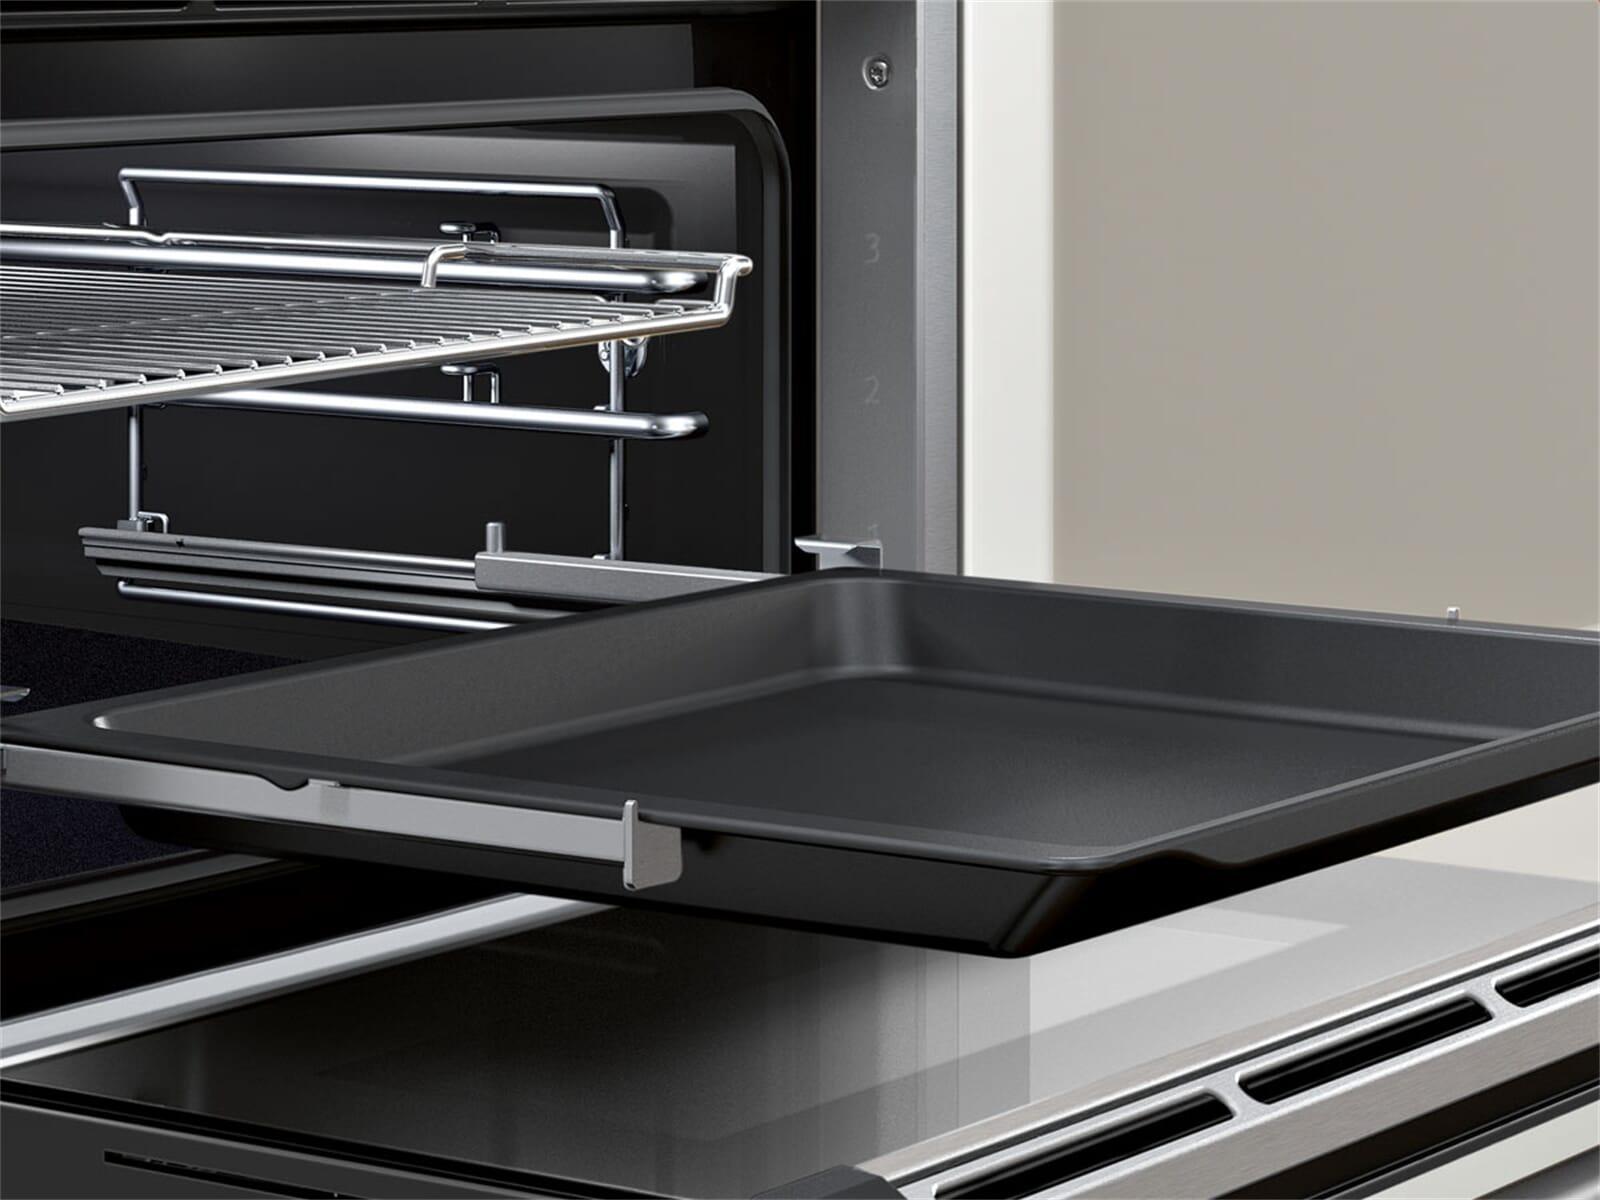 neff bcr4522n backofen mit circotherm easyclean slide. Black Bedroom Furniture Sets. Home Design Ideas